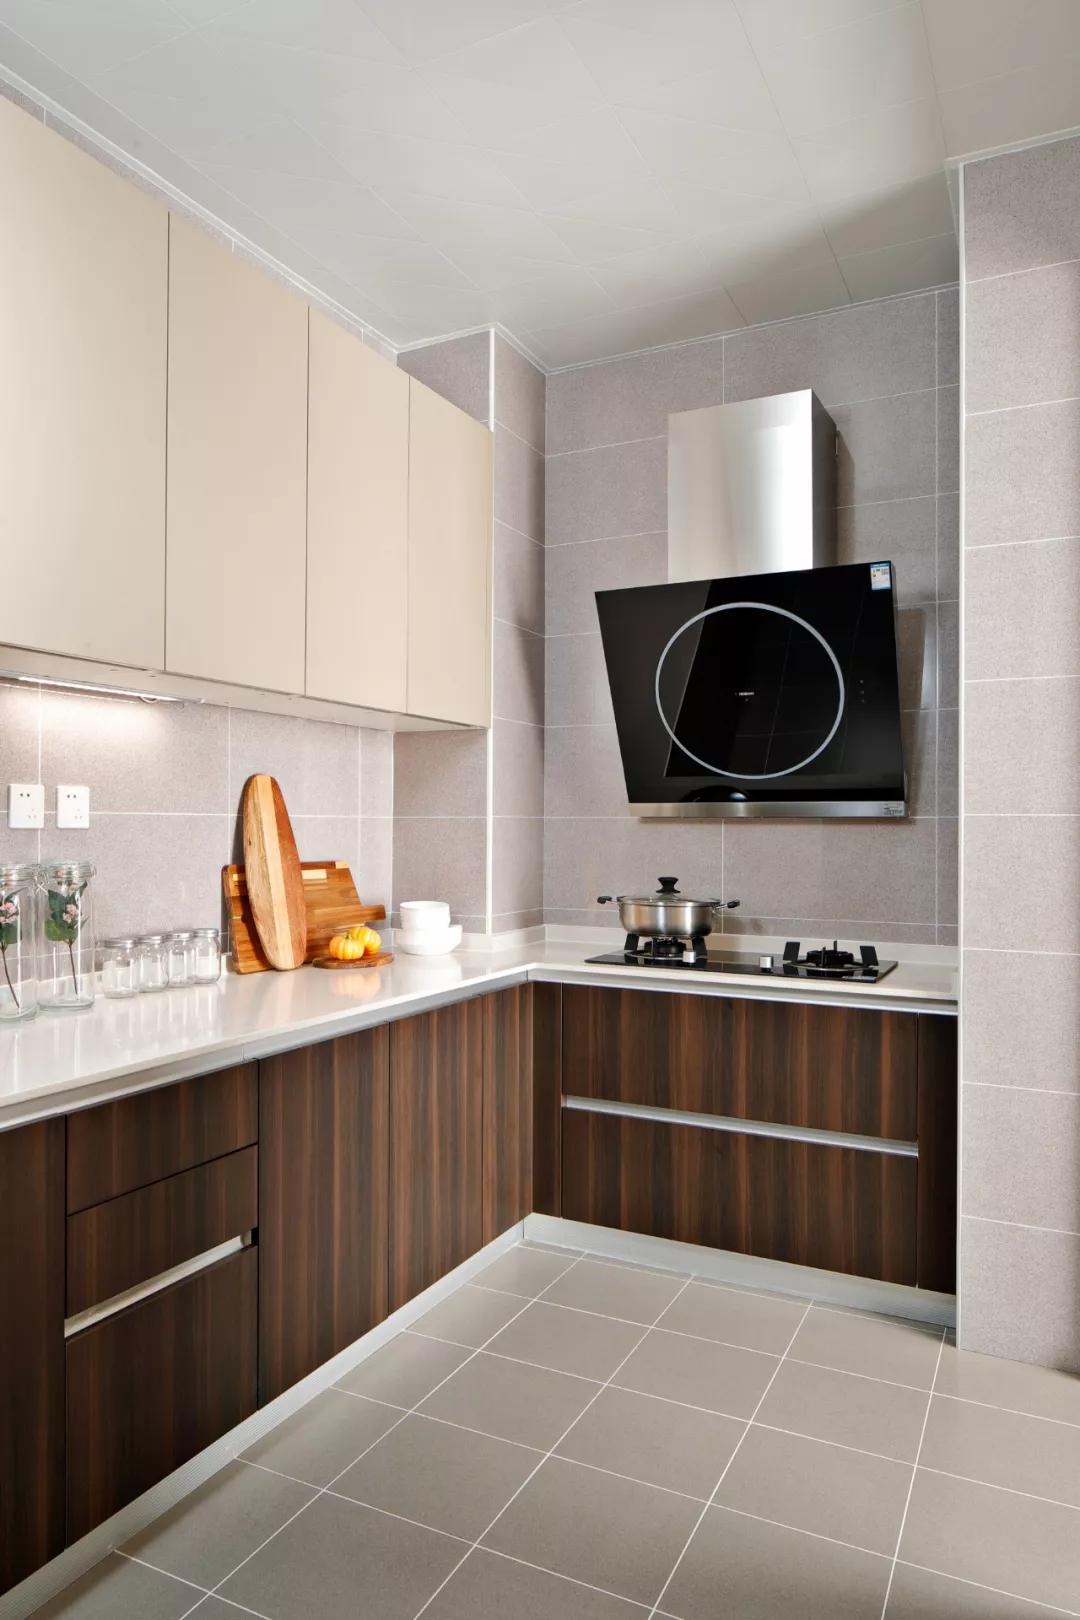 U型厨房作业流线短,作业面多,方便实用。白色石英石台面搭配褐色木质纹理橱柜,沉稳淡雅。